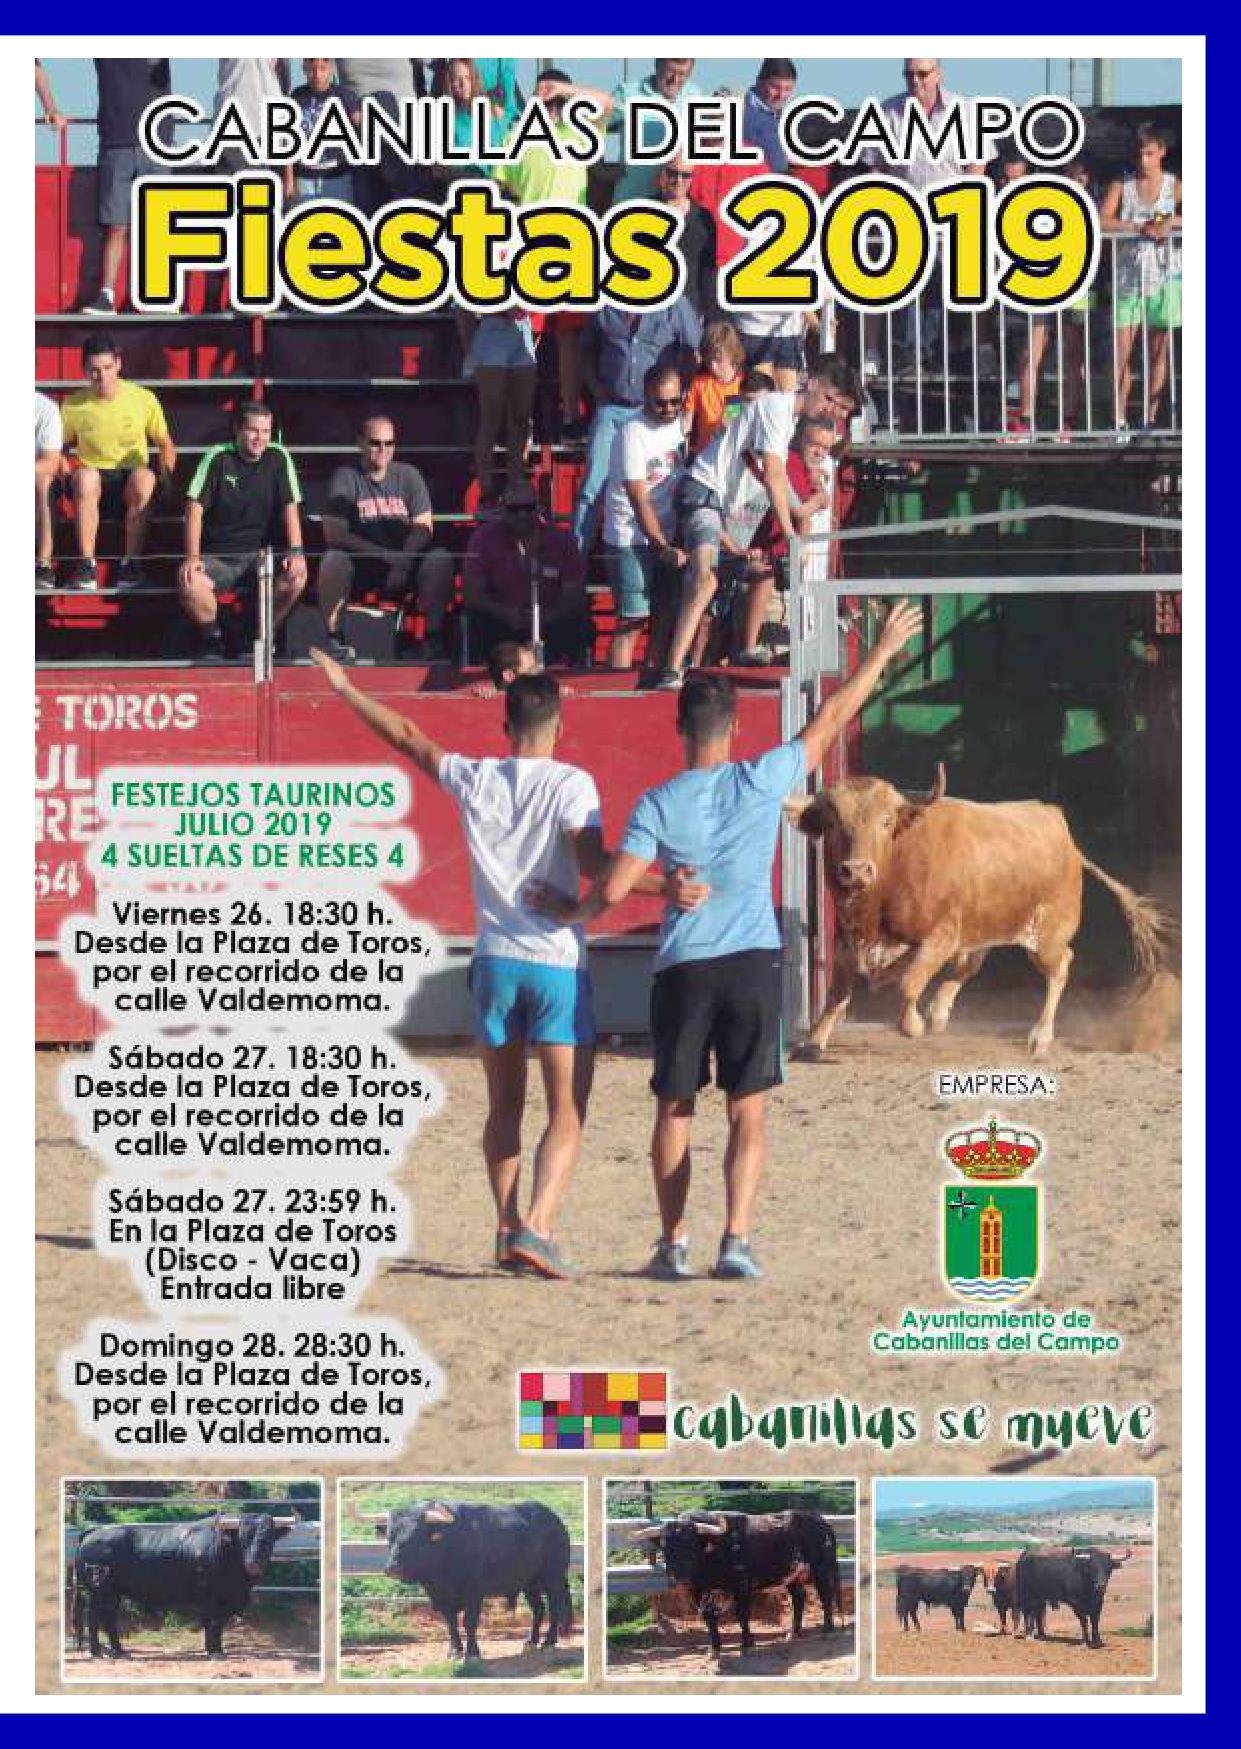 Festejos taurinos en las fiestas de Cabanillas 2019